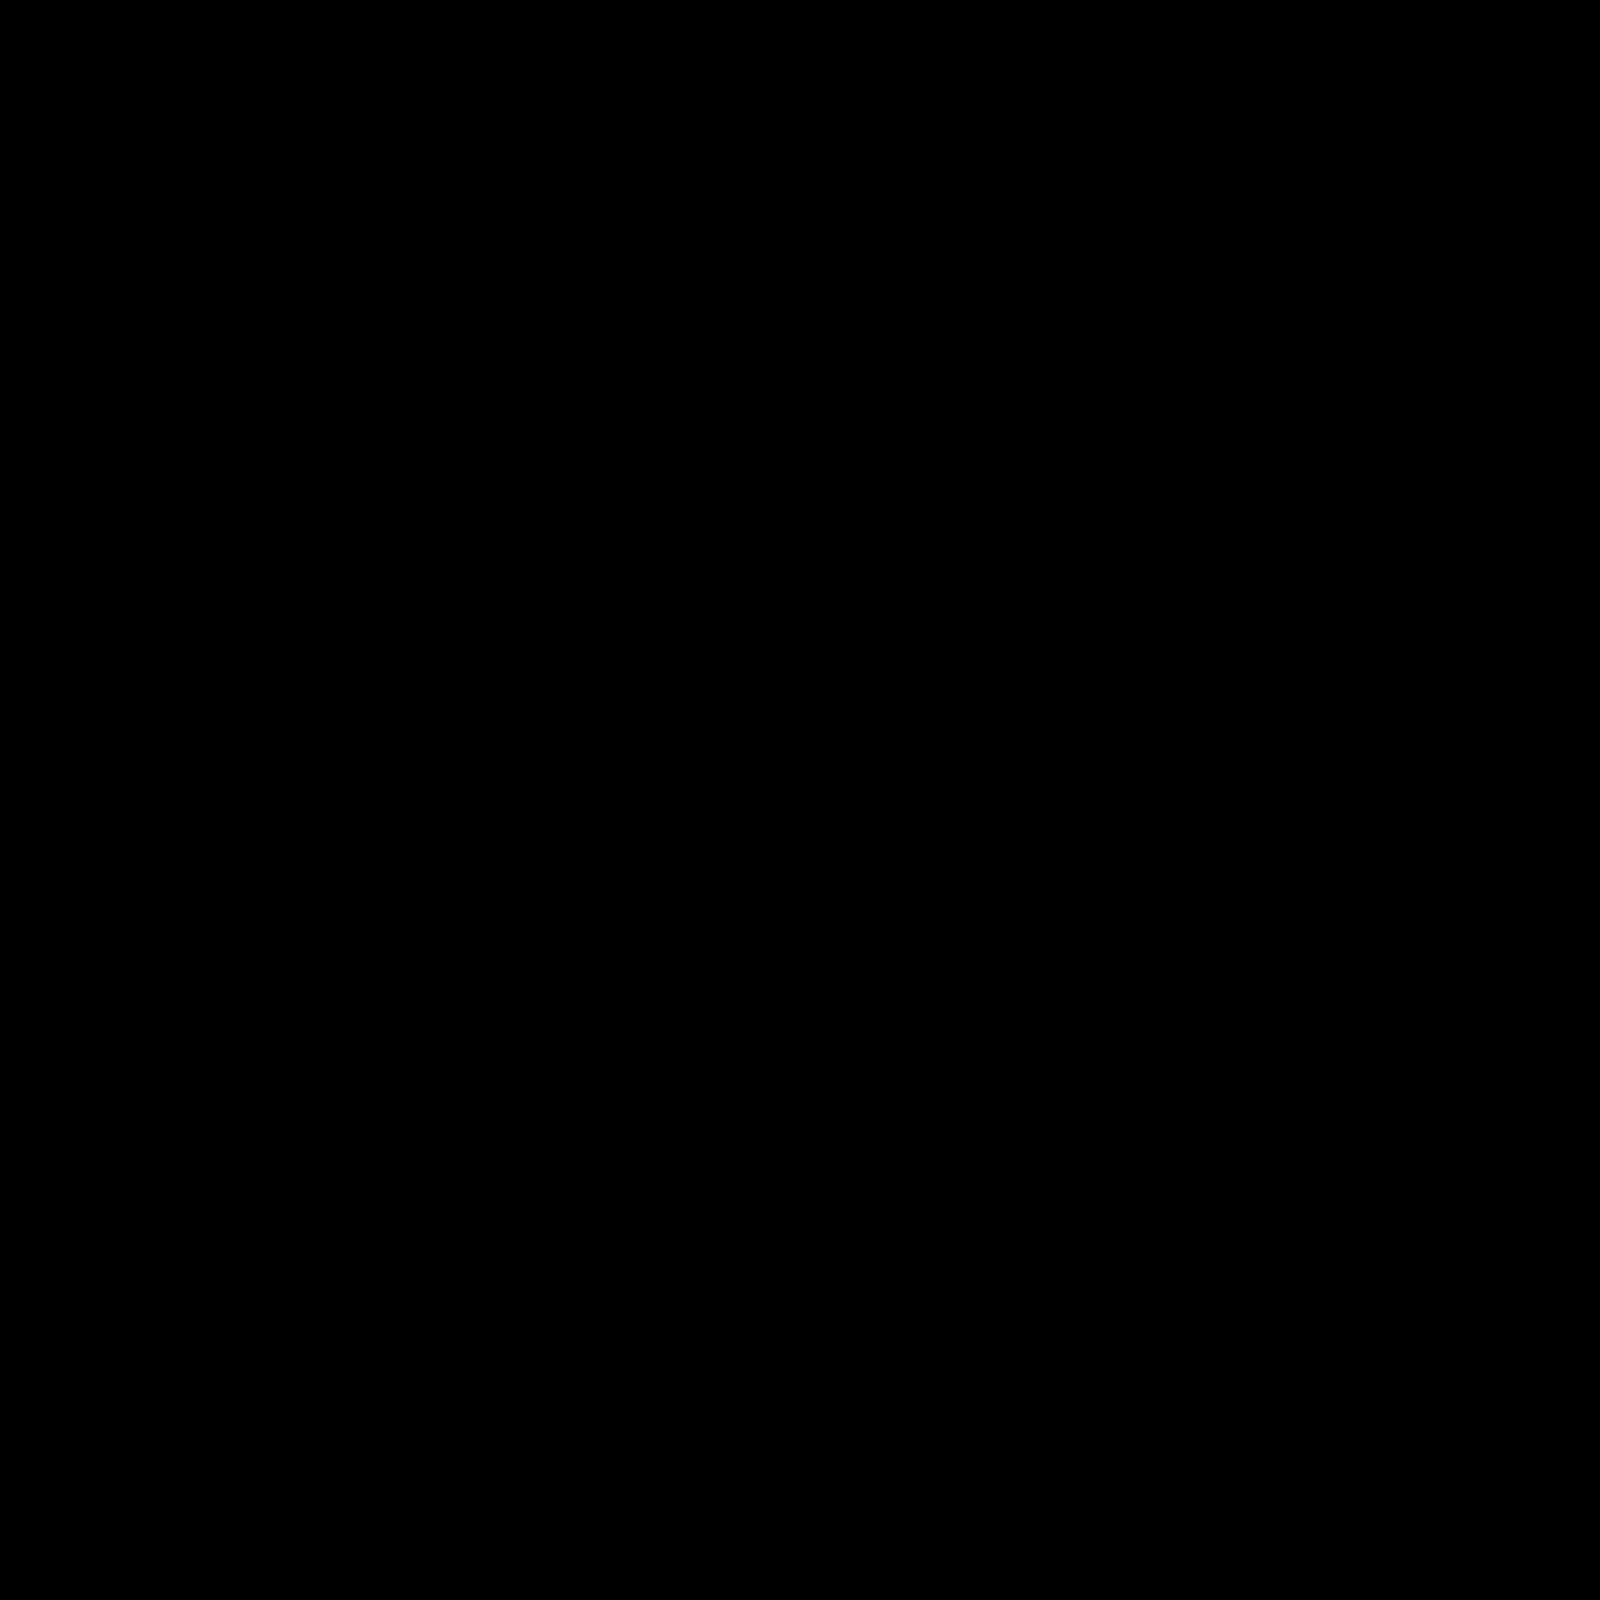 Mapa Malta icon